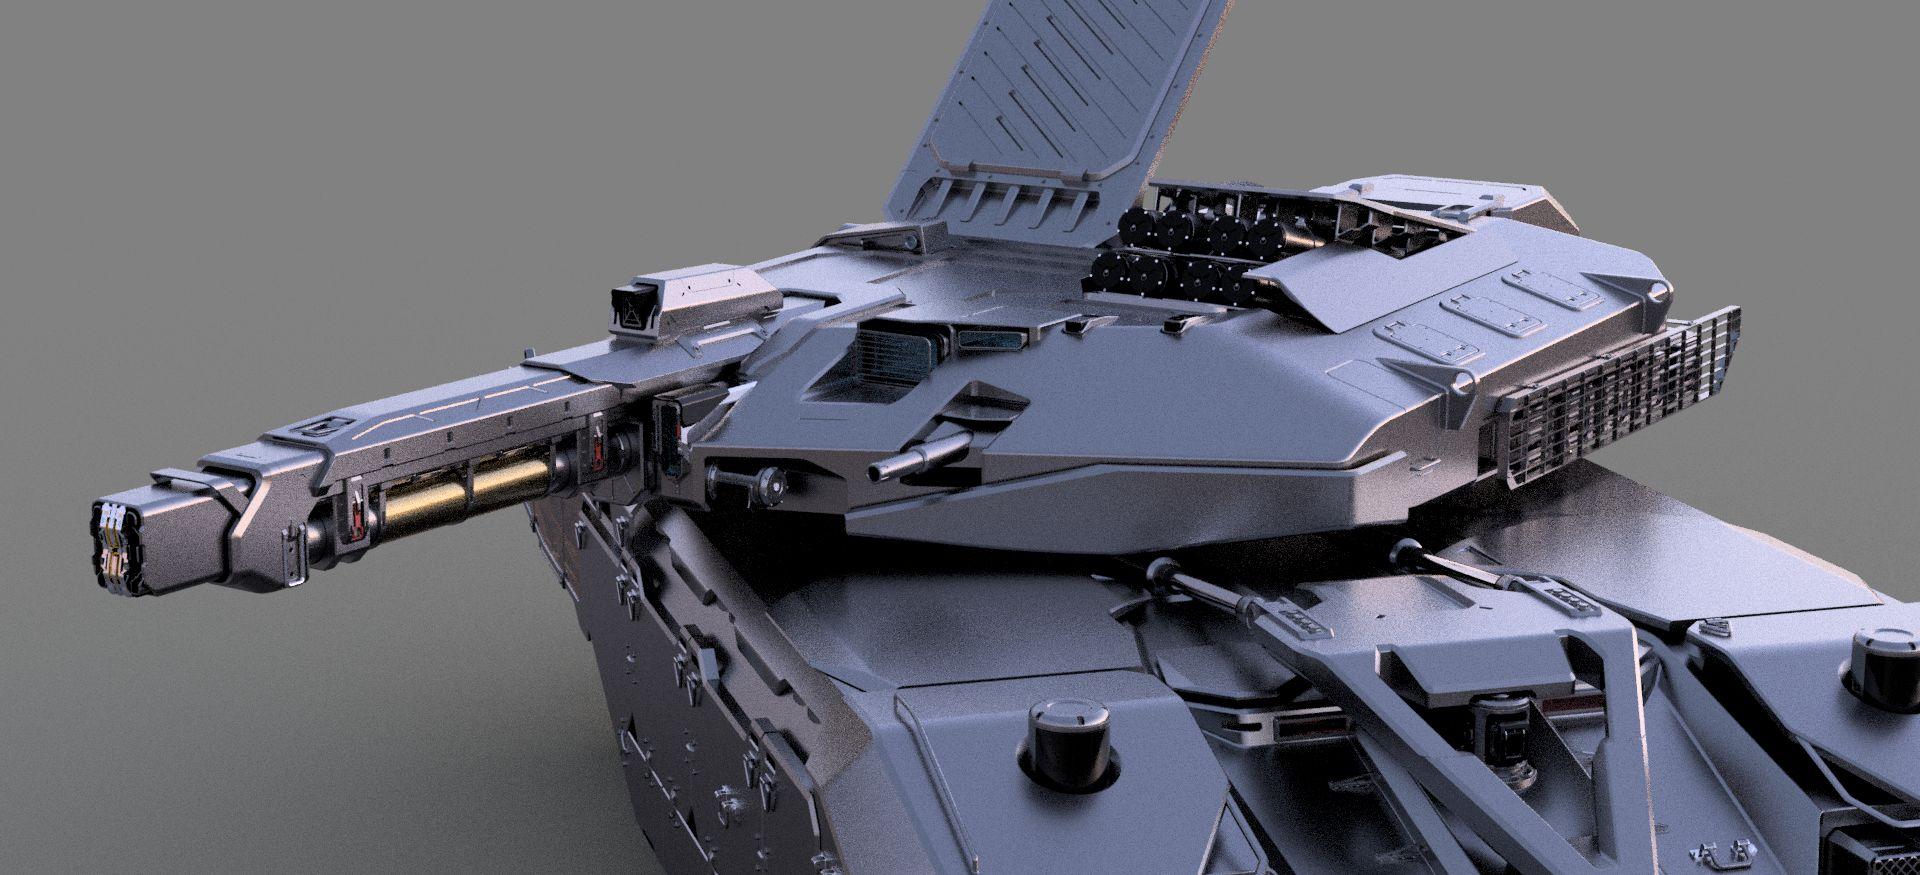 Tank-v1022-3500-3500